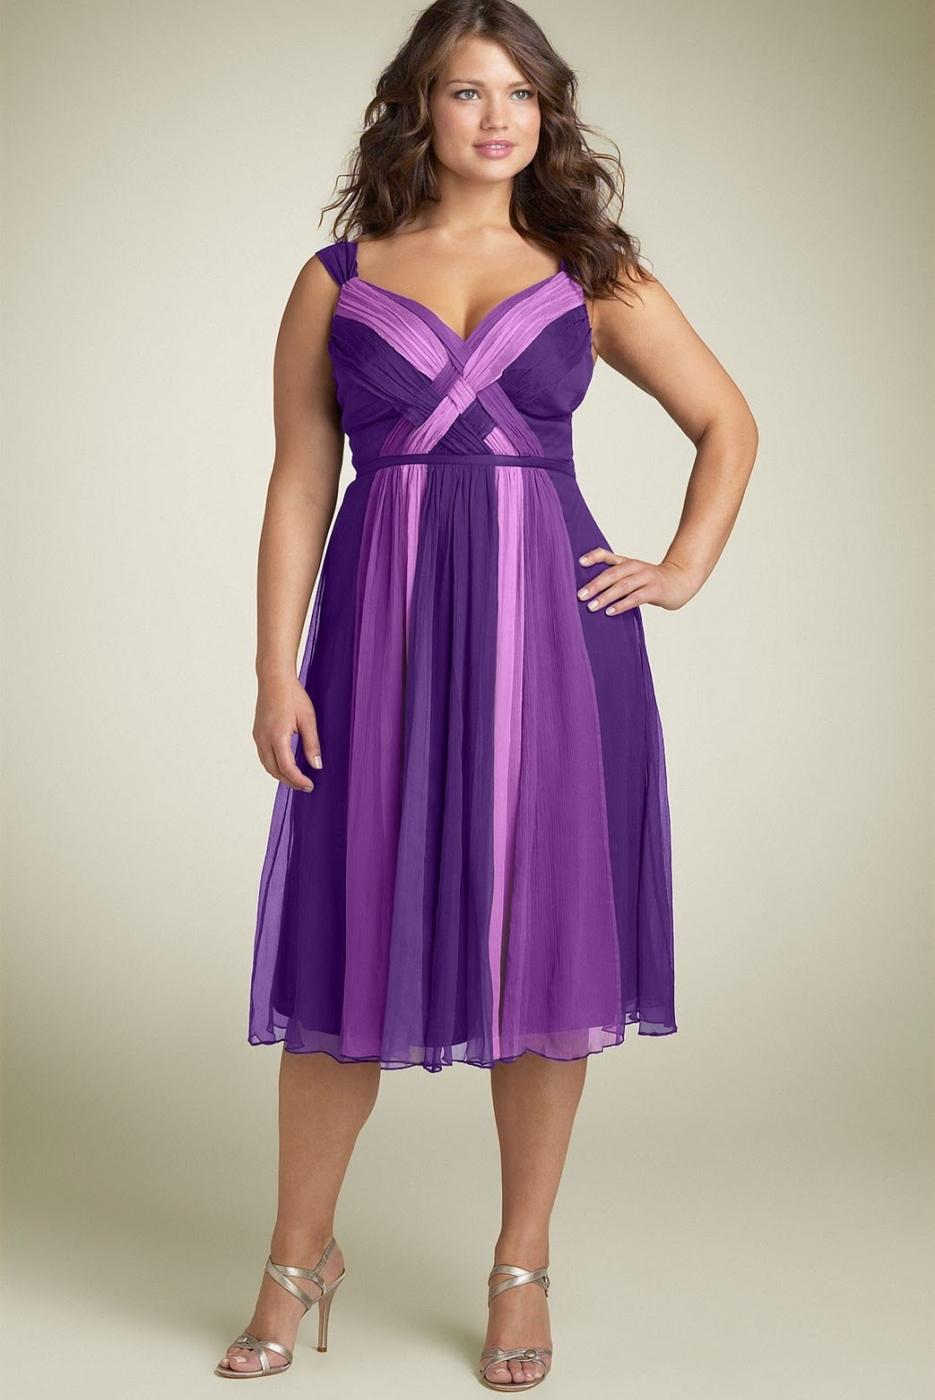 Вечернее платье для полных женщин фото на свадьбу